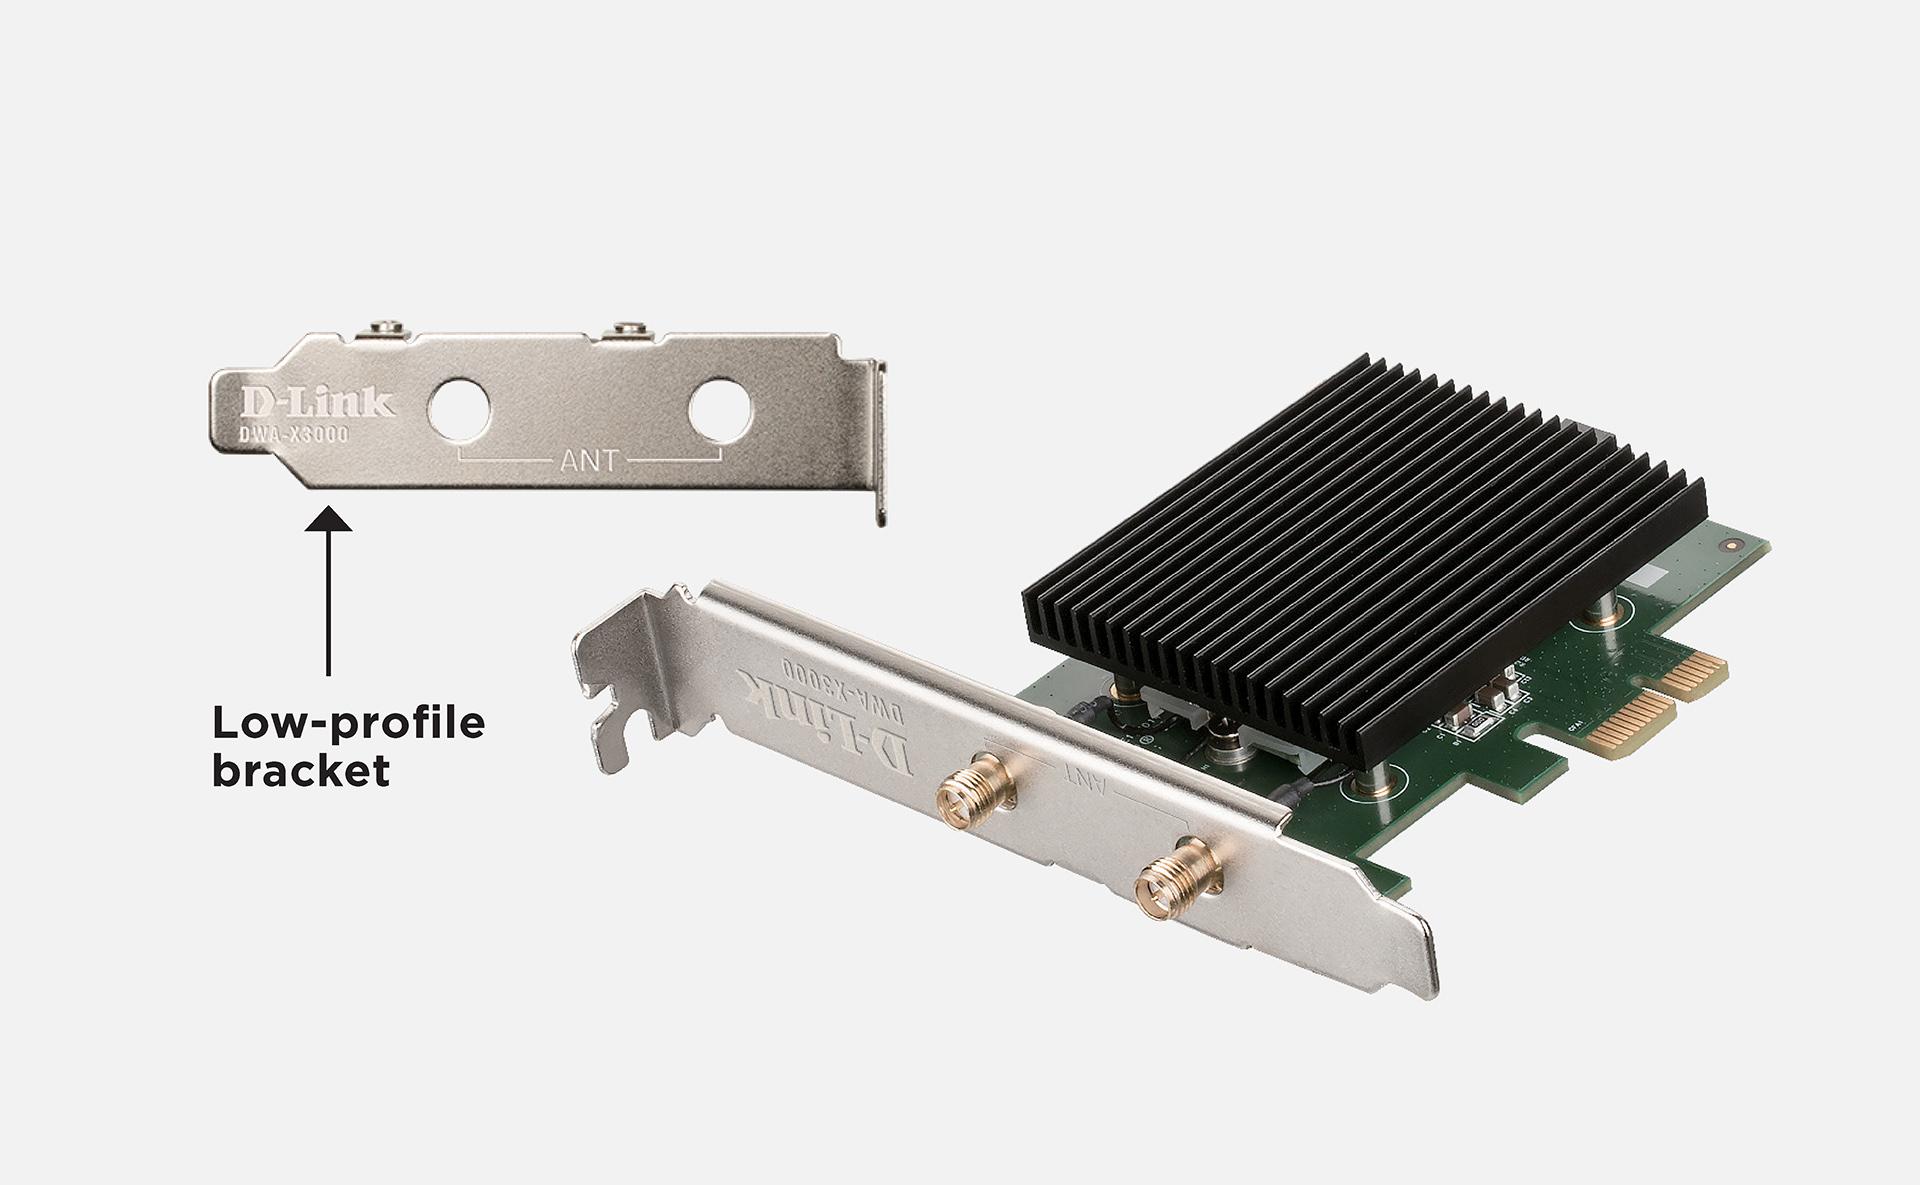 D-Link AX3000 Wi-Fi 6 PCIE - Brackets, heatsink